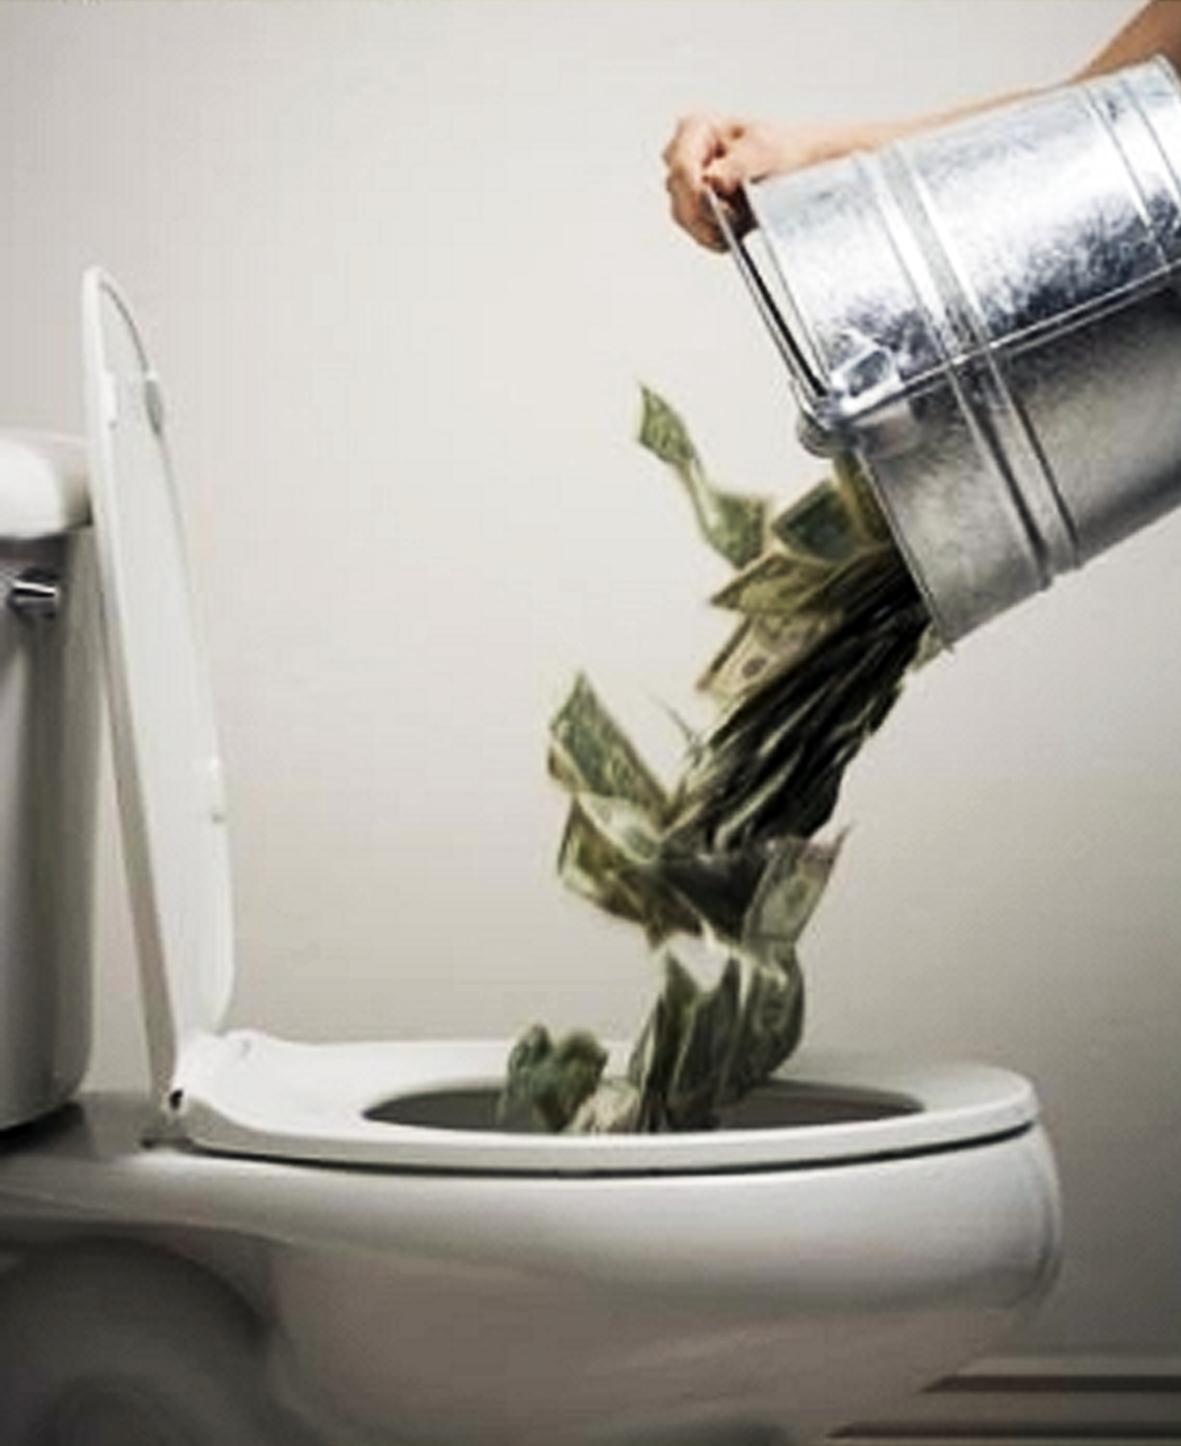 Если в унитаз упал рулон туалетной бумаги